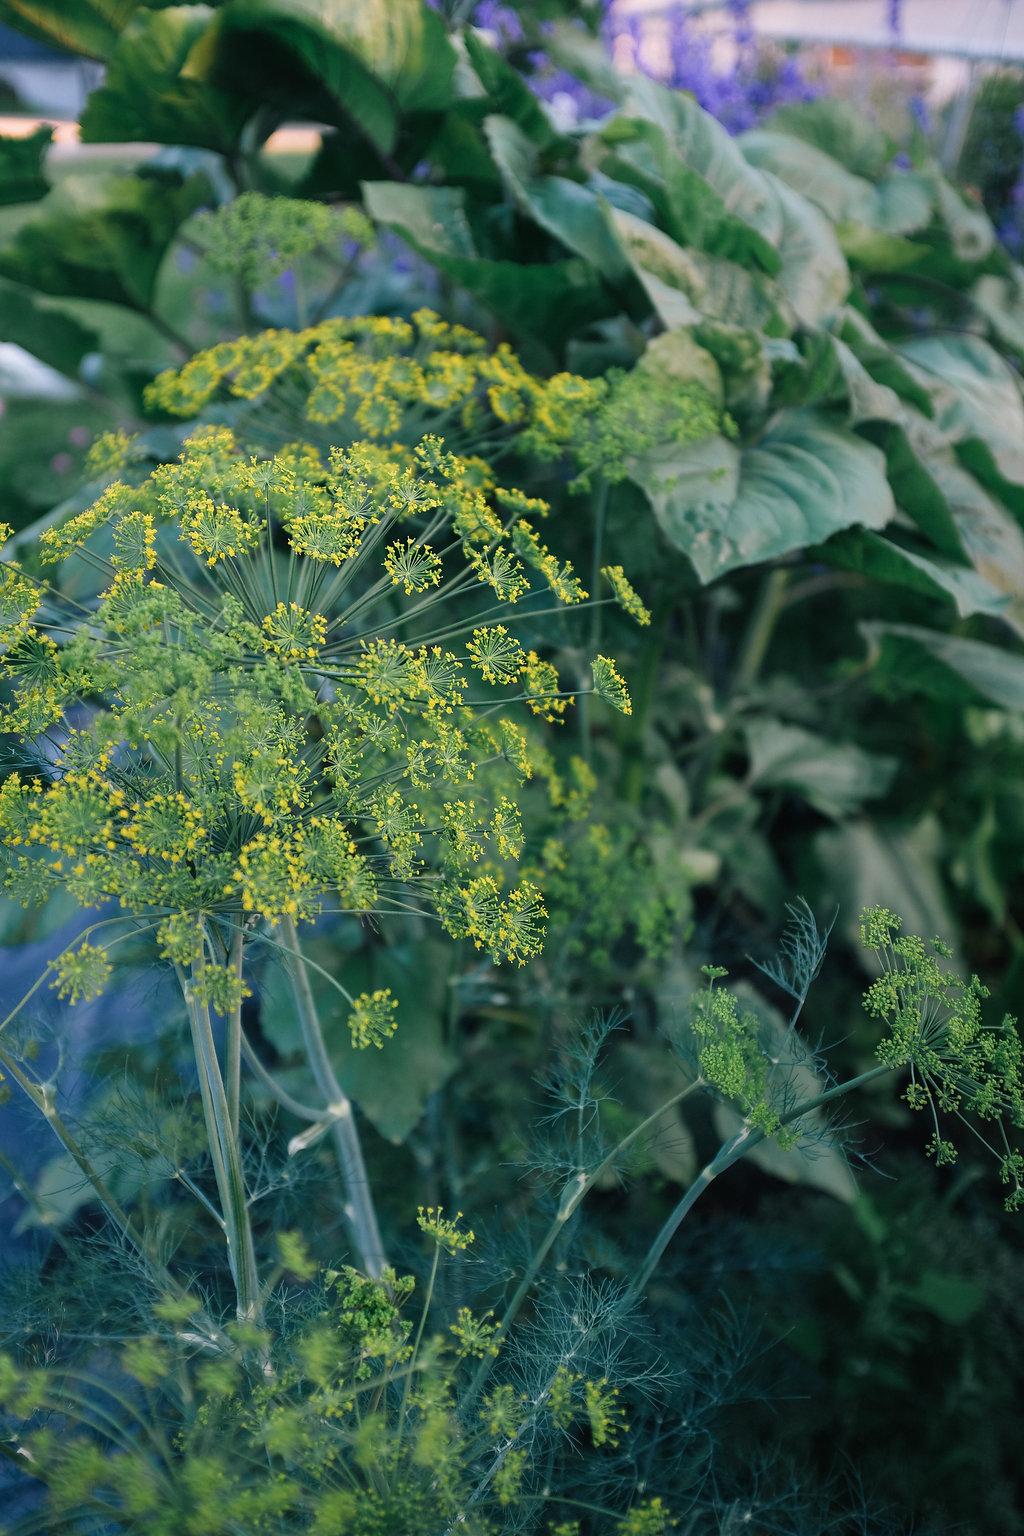 Farmhouse.Flowers_at_Mayneland.Farm-2537.jpg